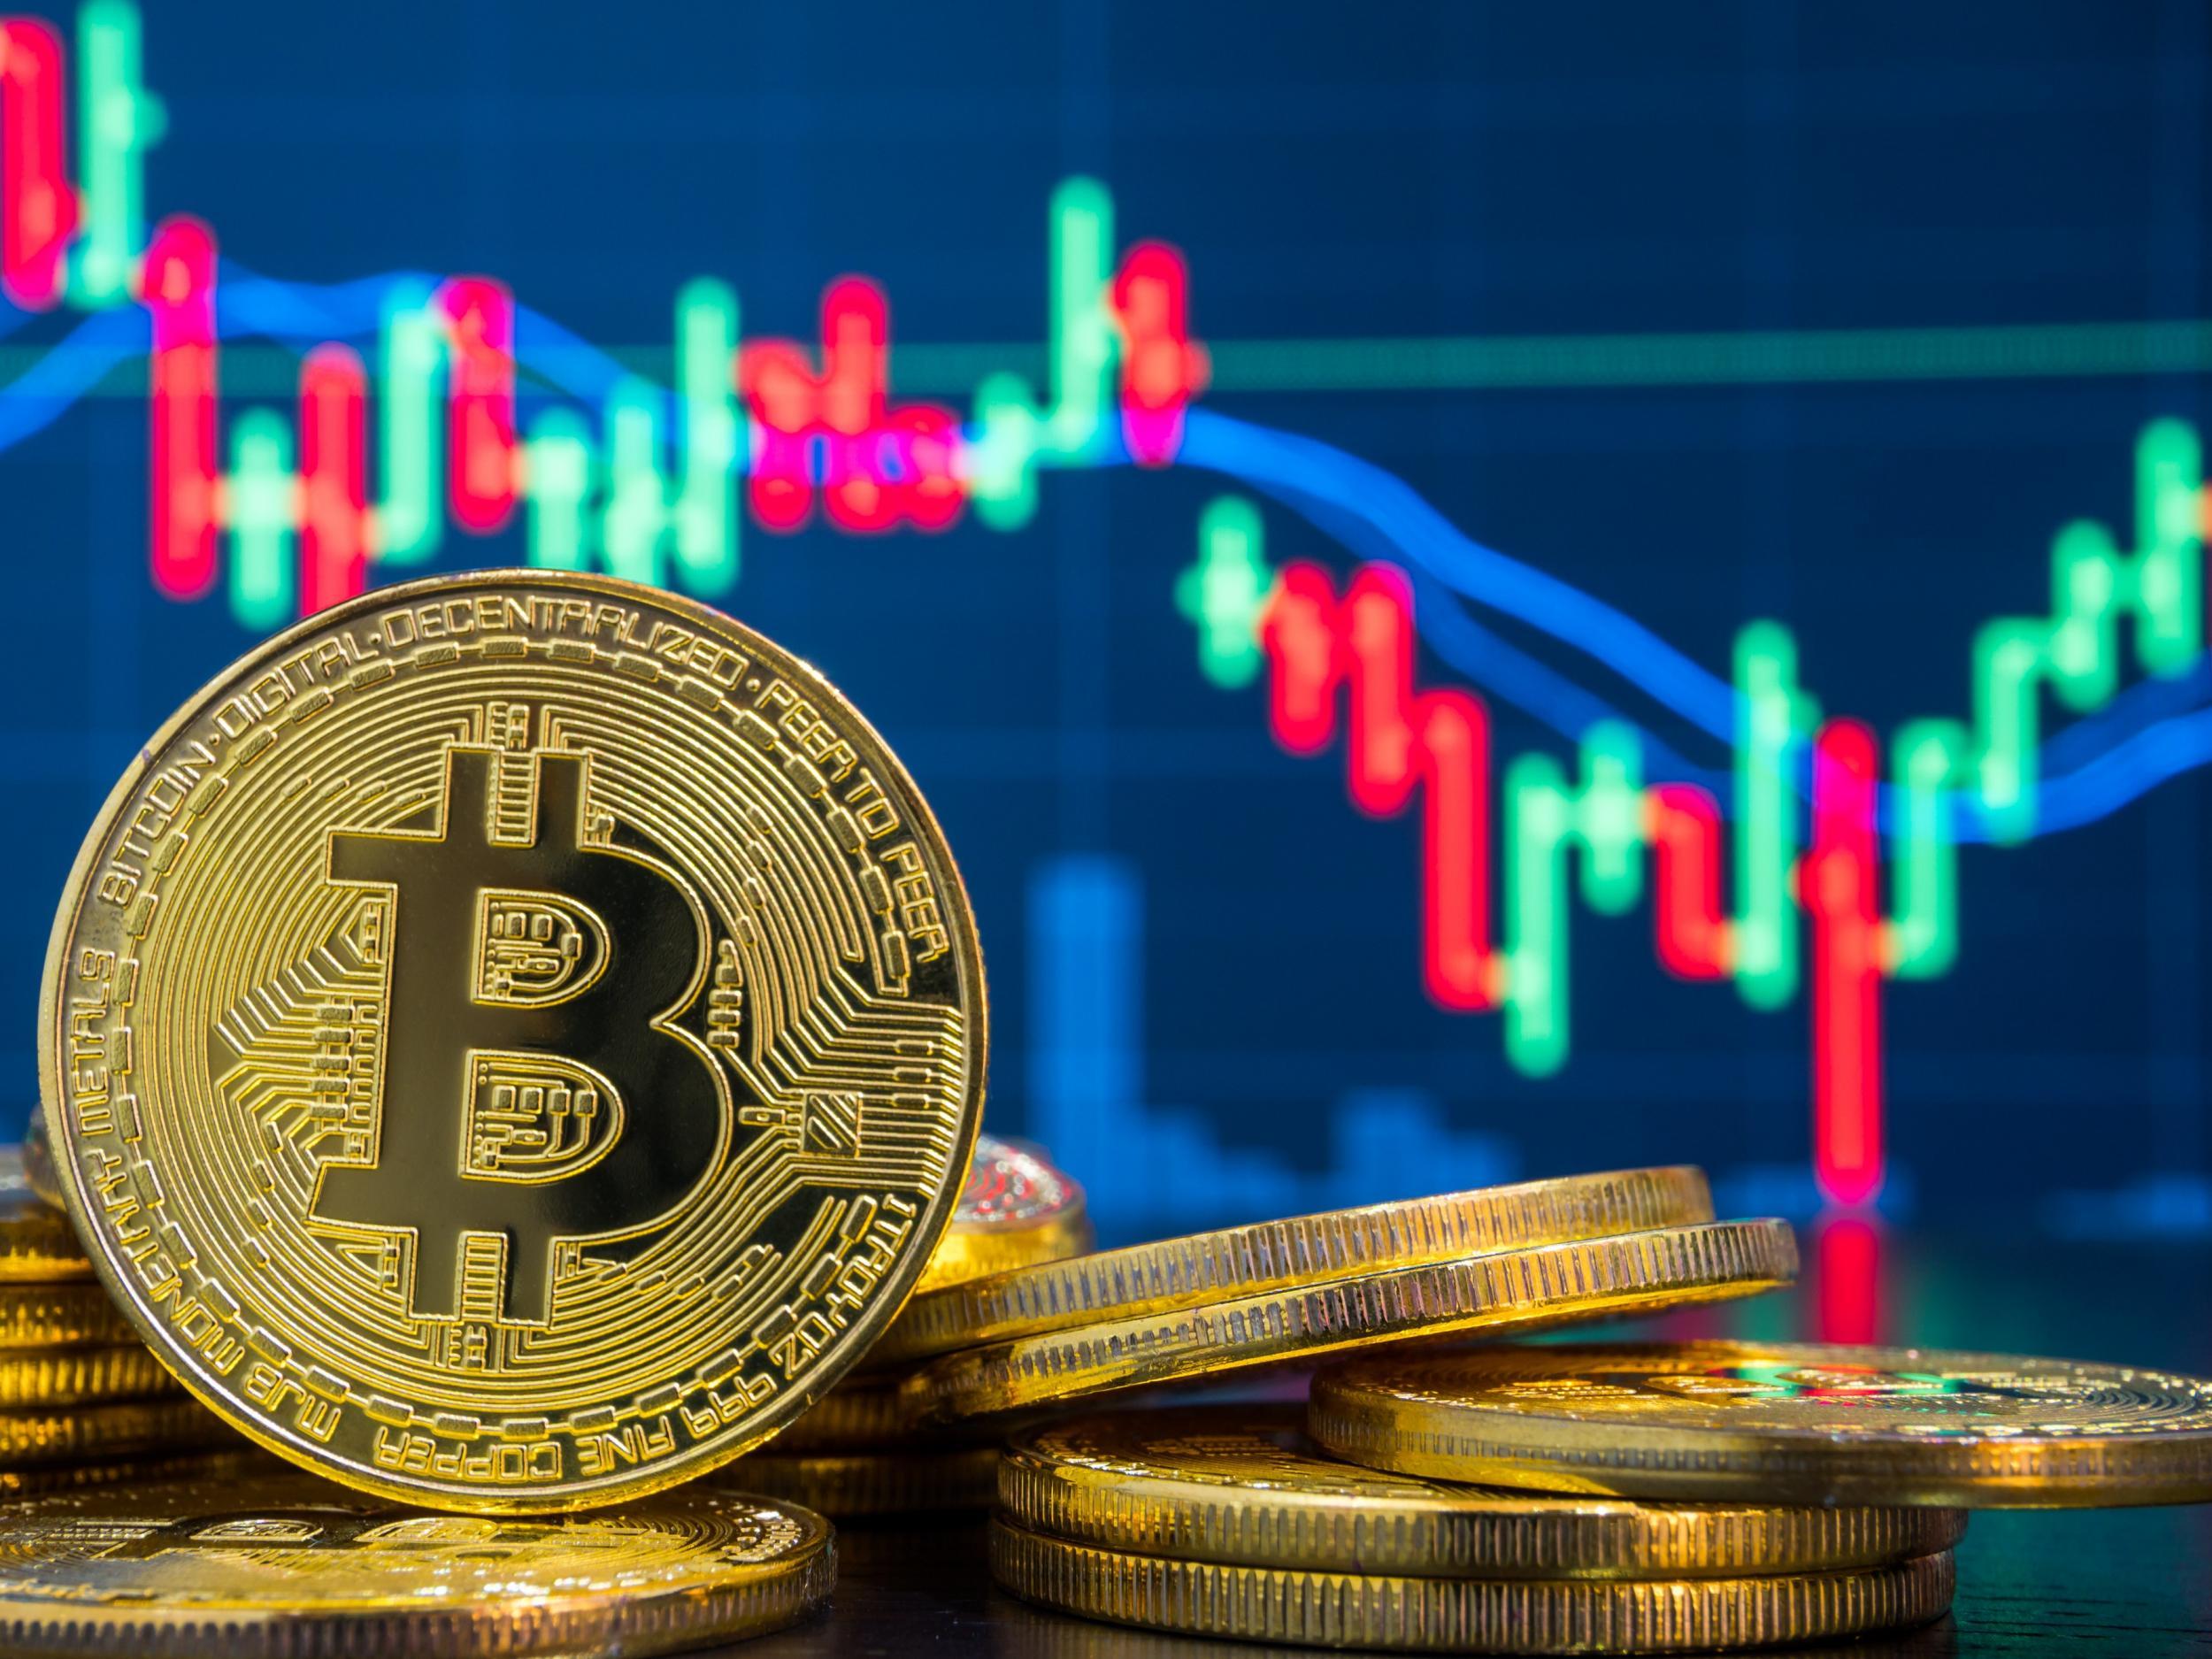 Giá bitcoin hôm nay 15/7: Tăng nhẹ, Fed và ECB nói về tiền ổn định giá và CBDC